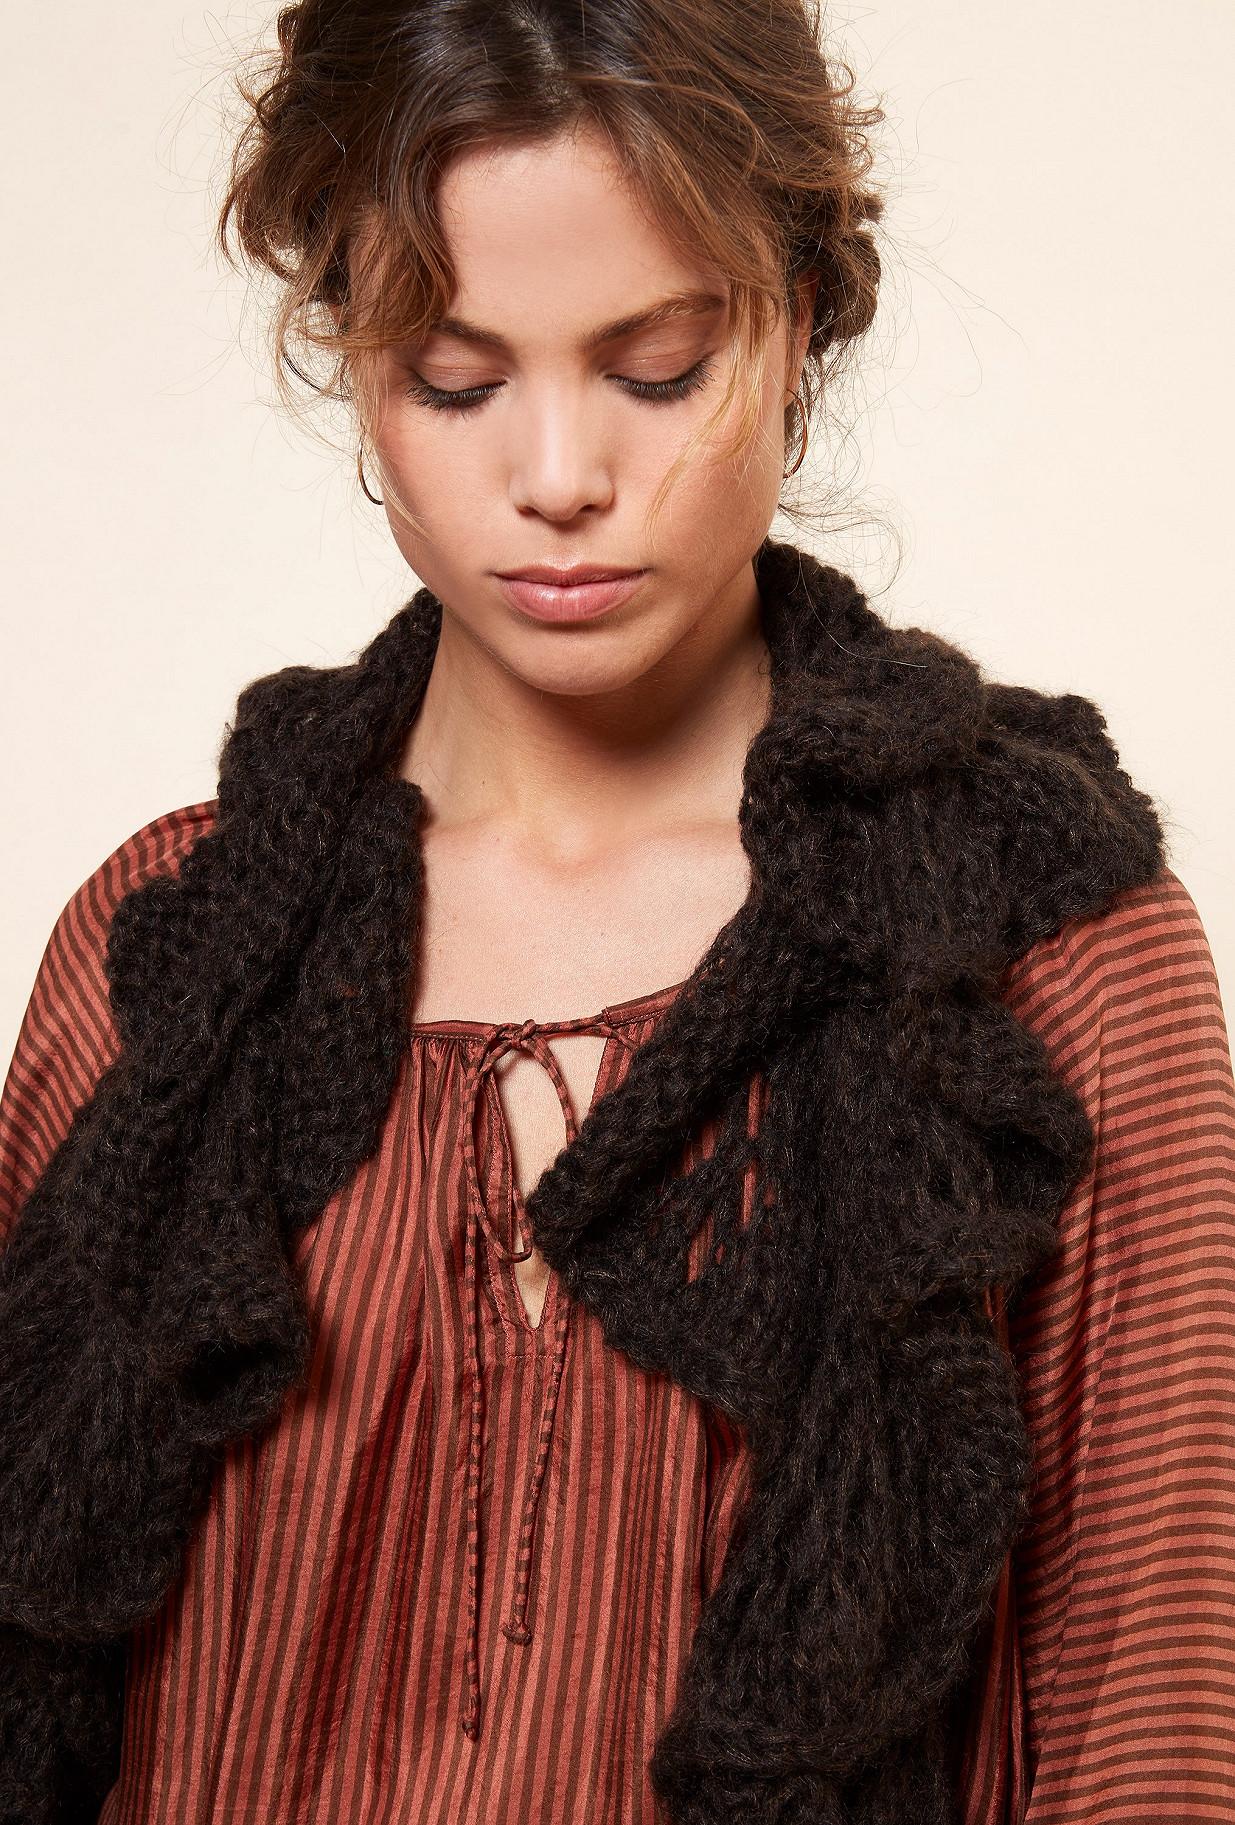 Charcoal  Scarf  Frimouse Mes demoiselles fashion clothes designer Paris